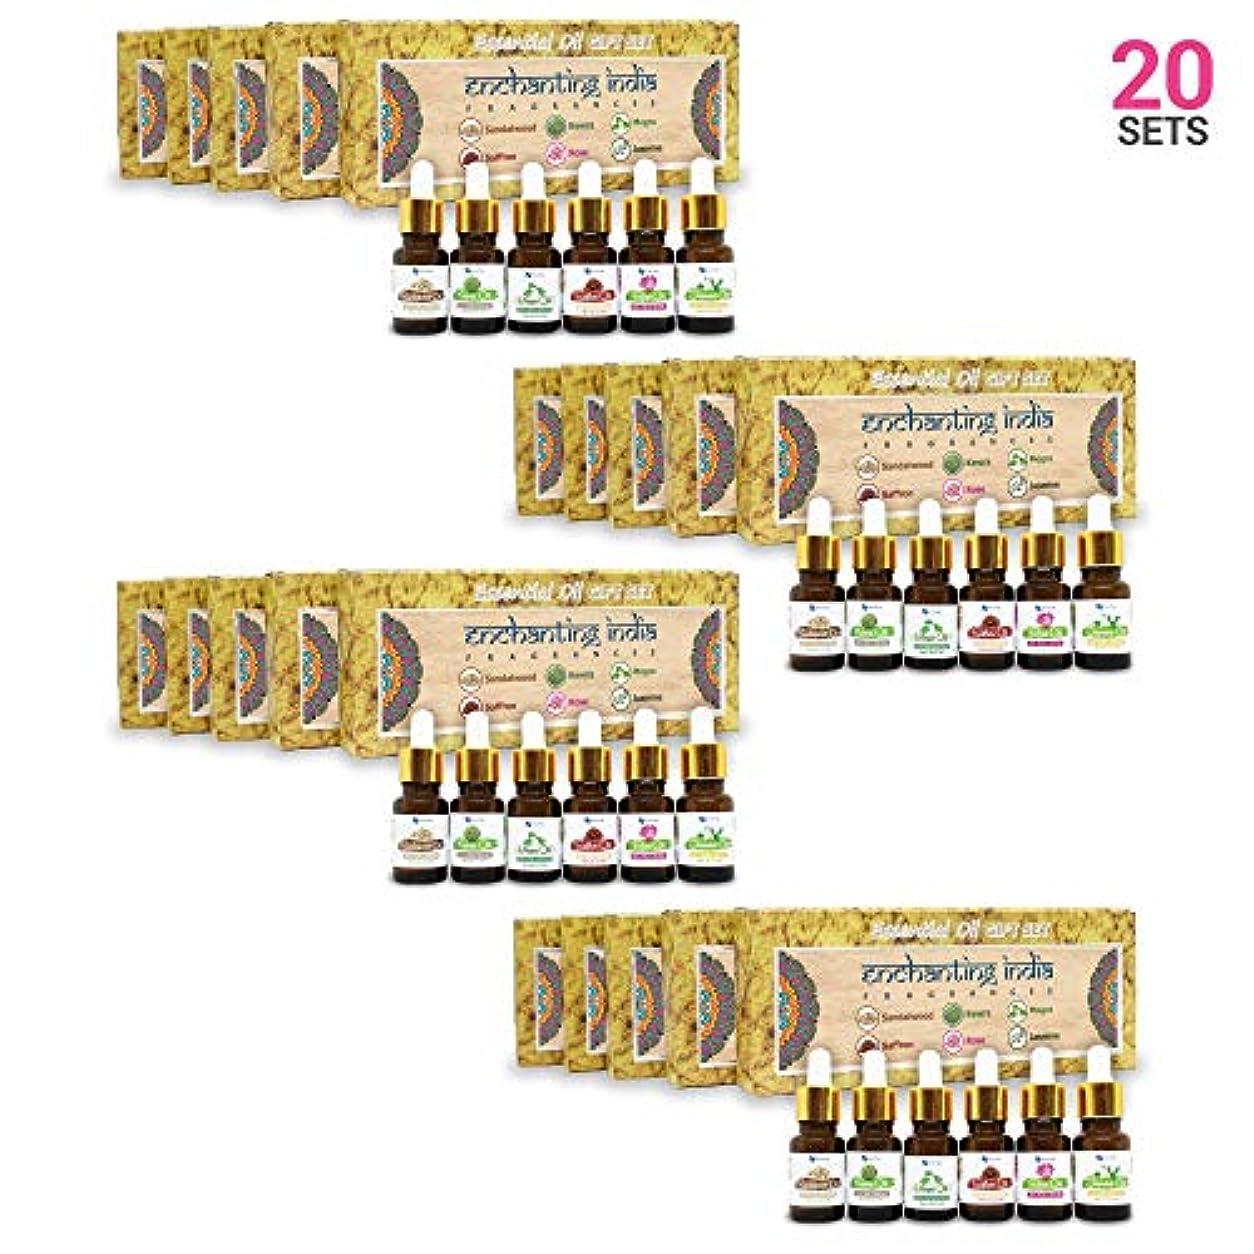 改革傾向拍車Aromatherapy Fragrance Oils (Set of 20) - 100% Pure & Natural Therapeutic Essential Oils, 10ml each (Sandalwood...